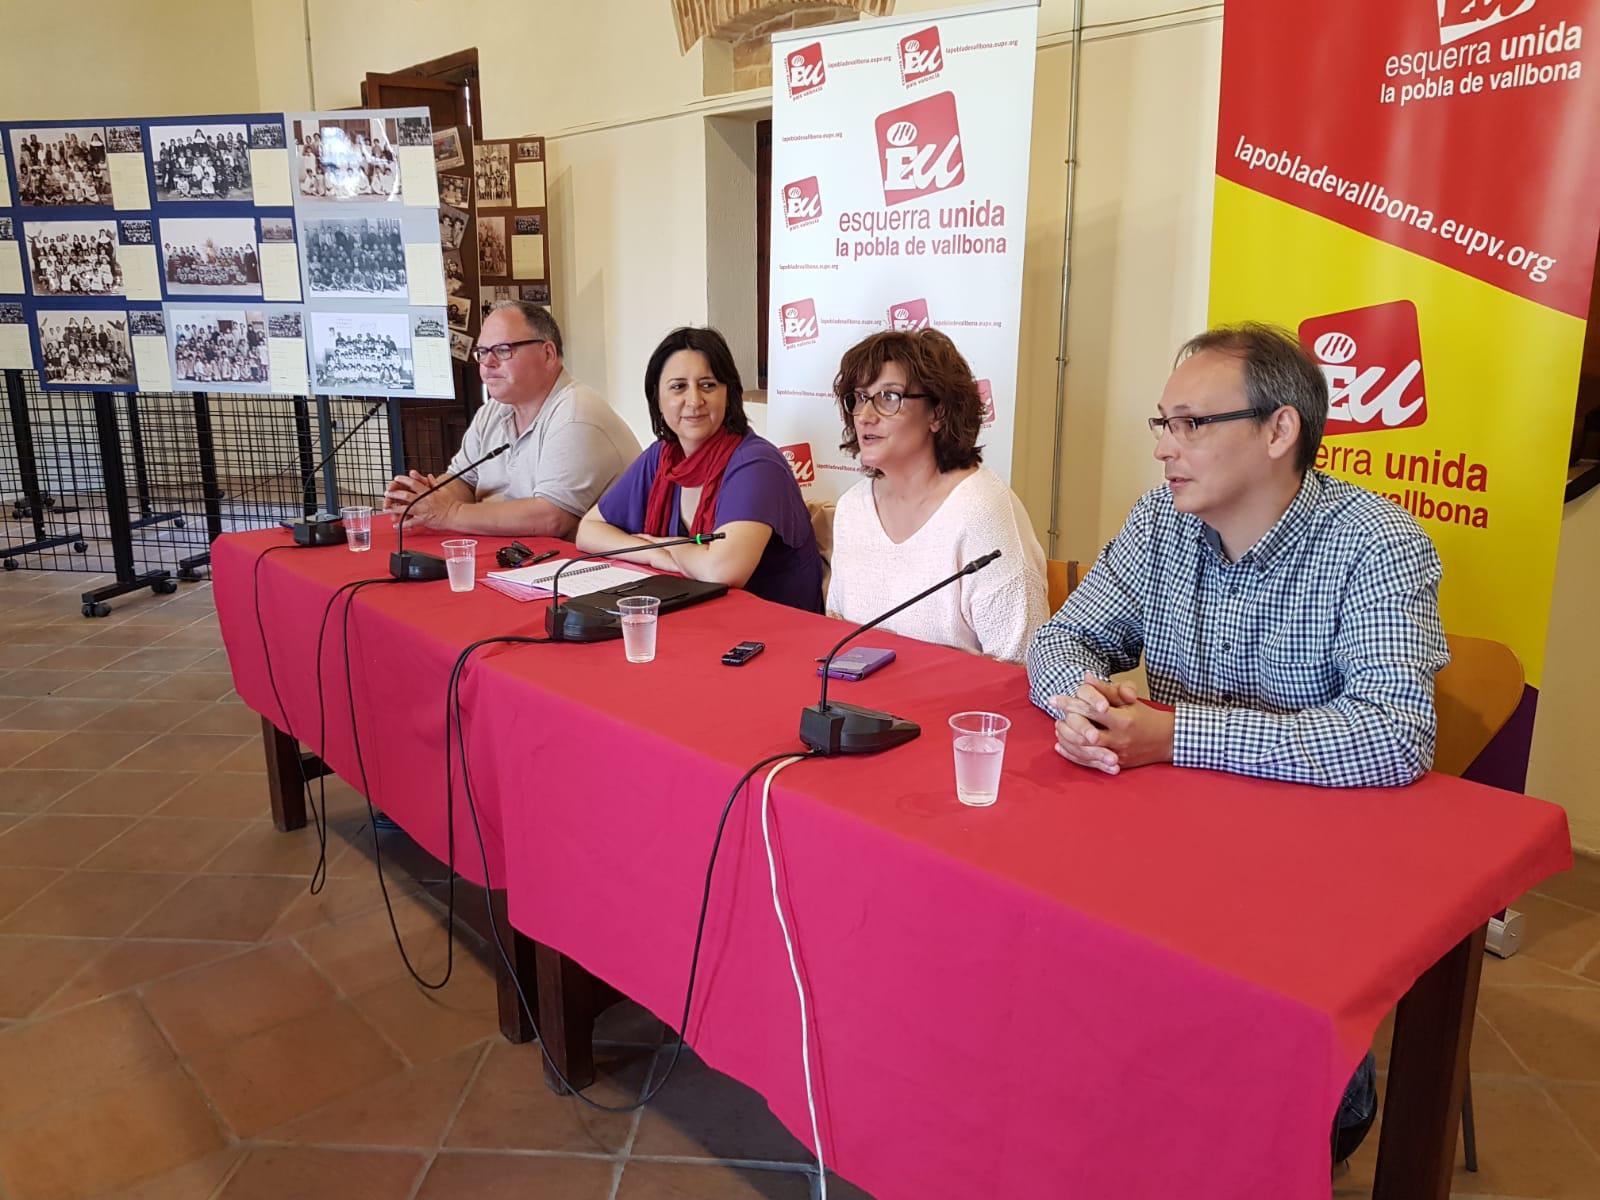 Pérez Garijo, que ha tornat a incidir en què el principal objectiu de la formació d'esquerres es tornar a Les Corts Valencianes en 2019.